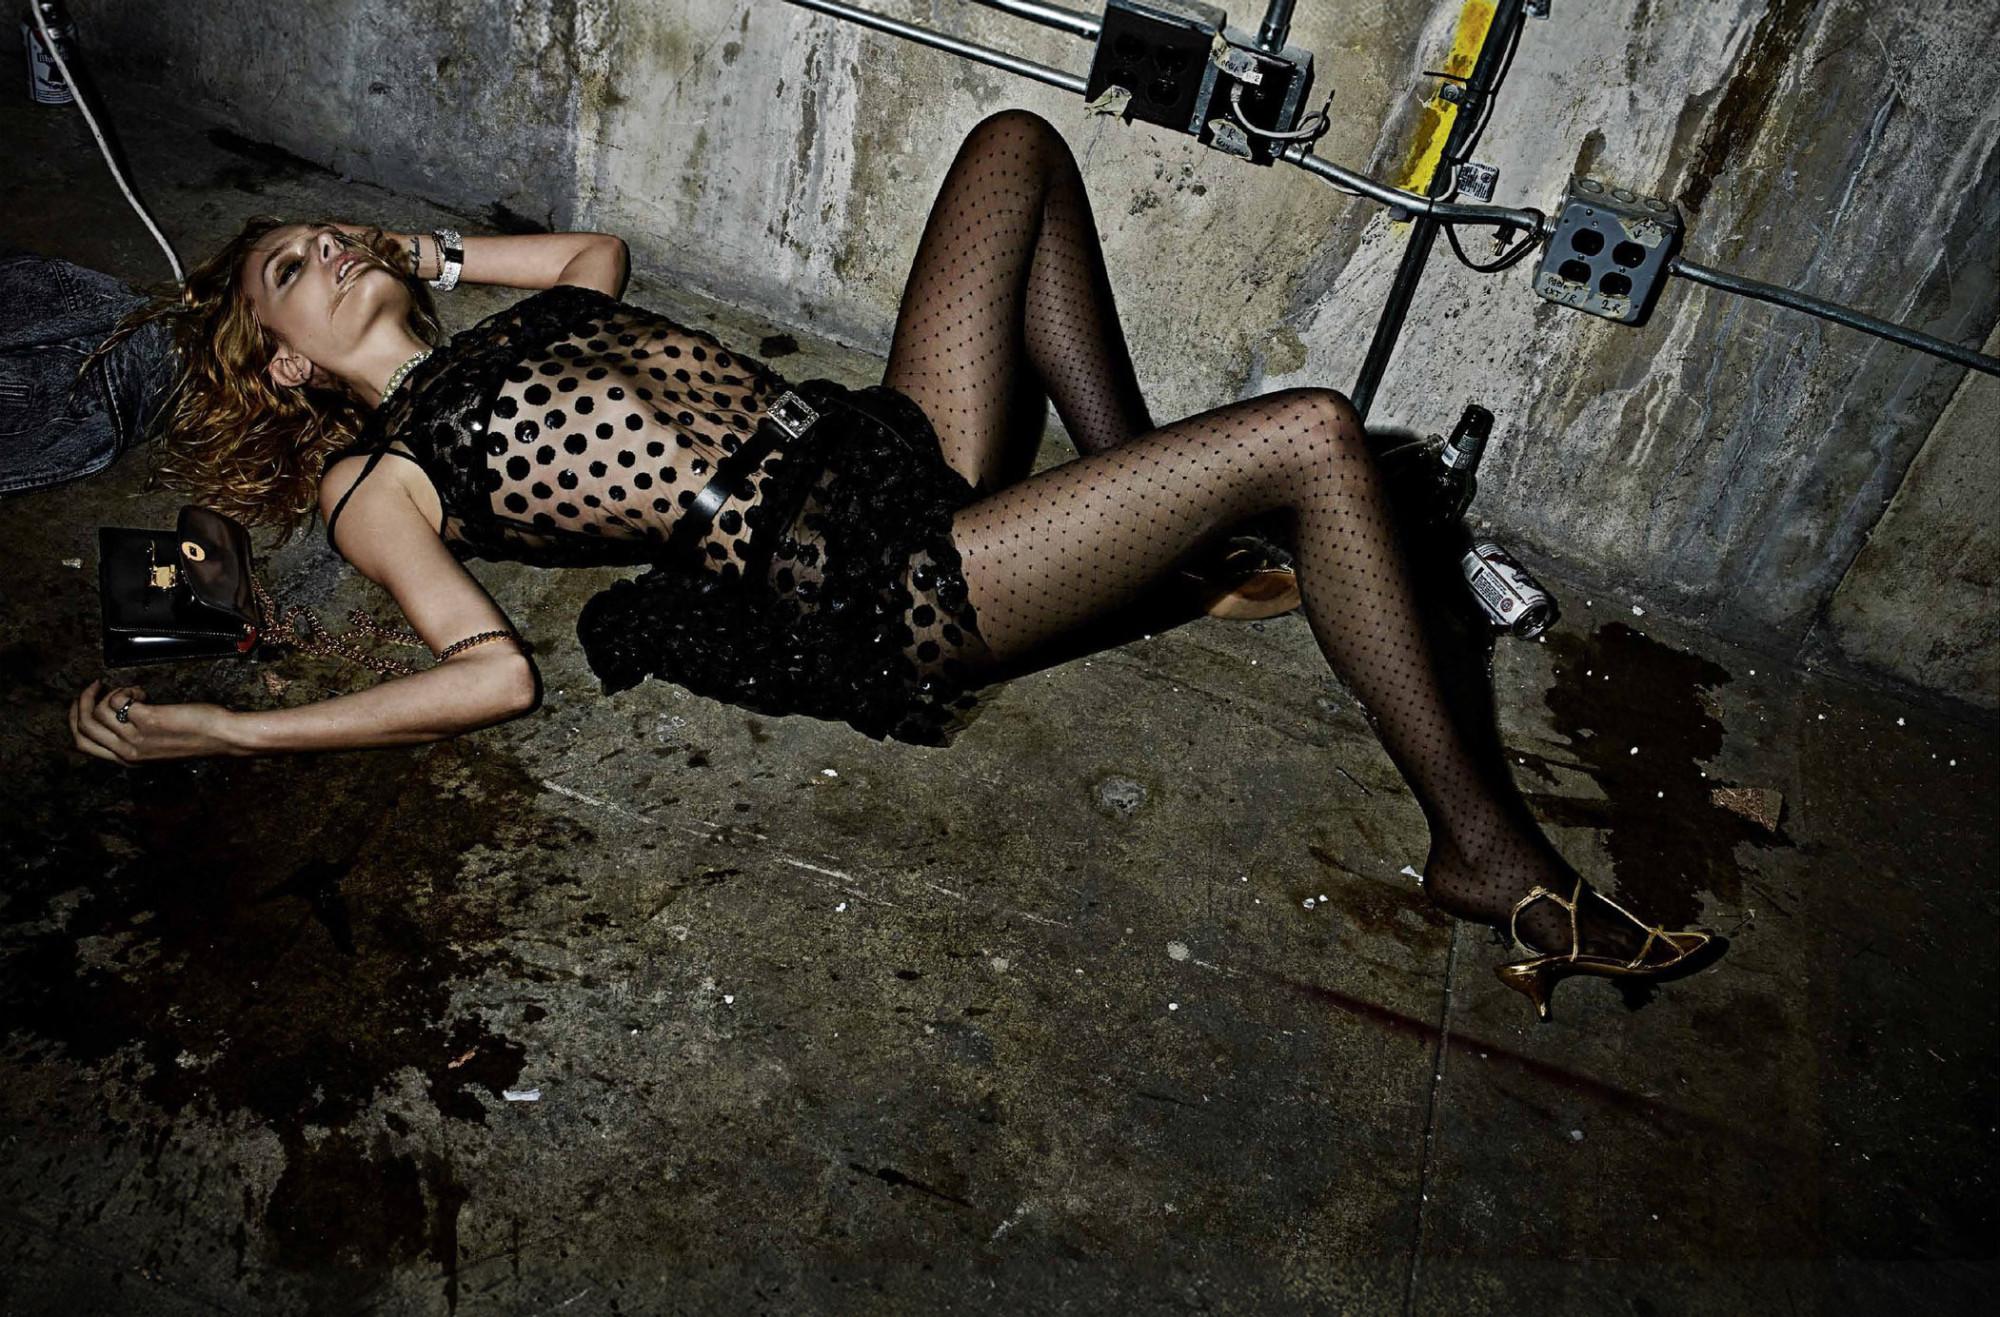 связанная девушка в подвале блондинка свой